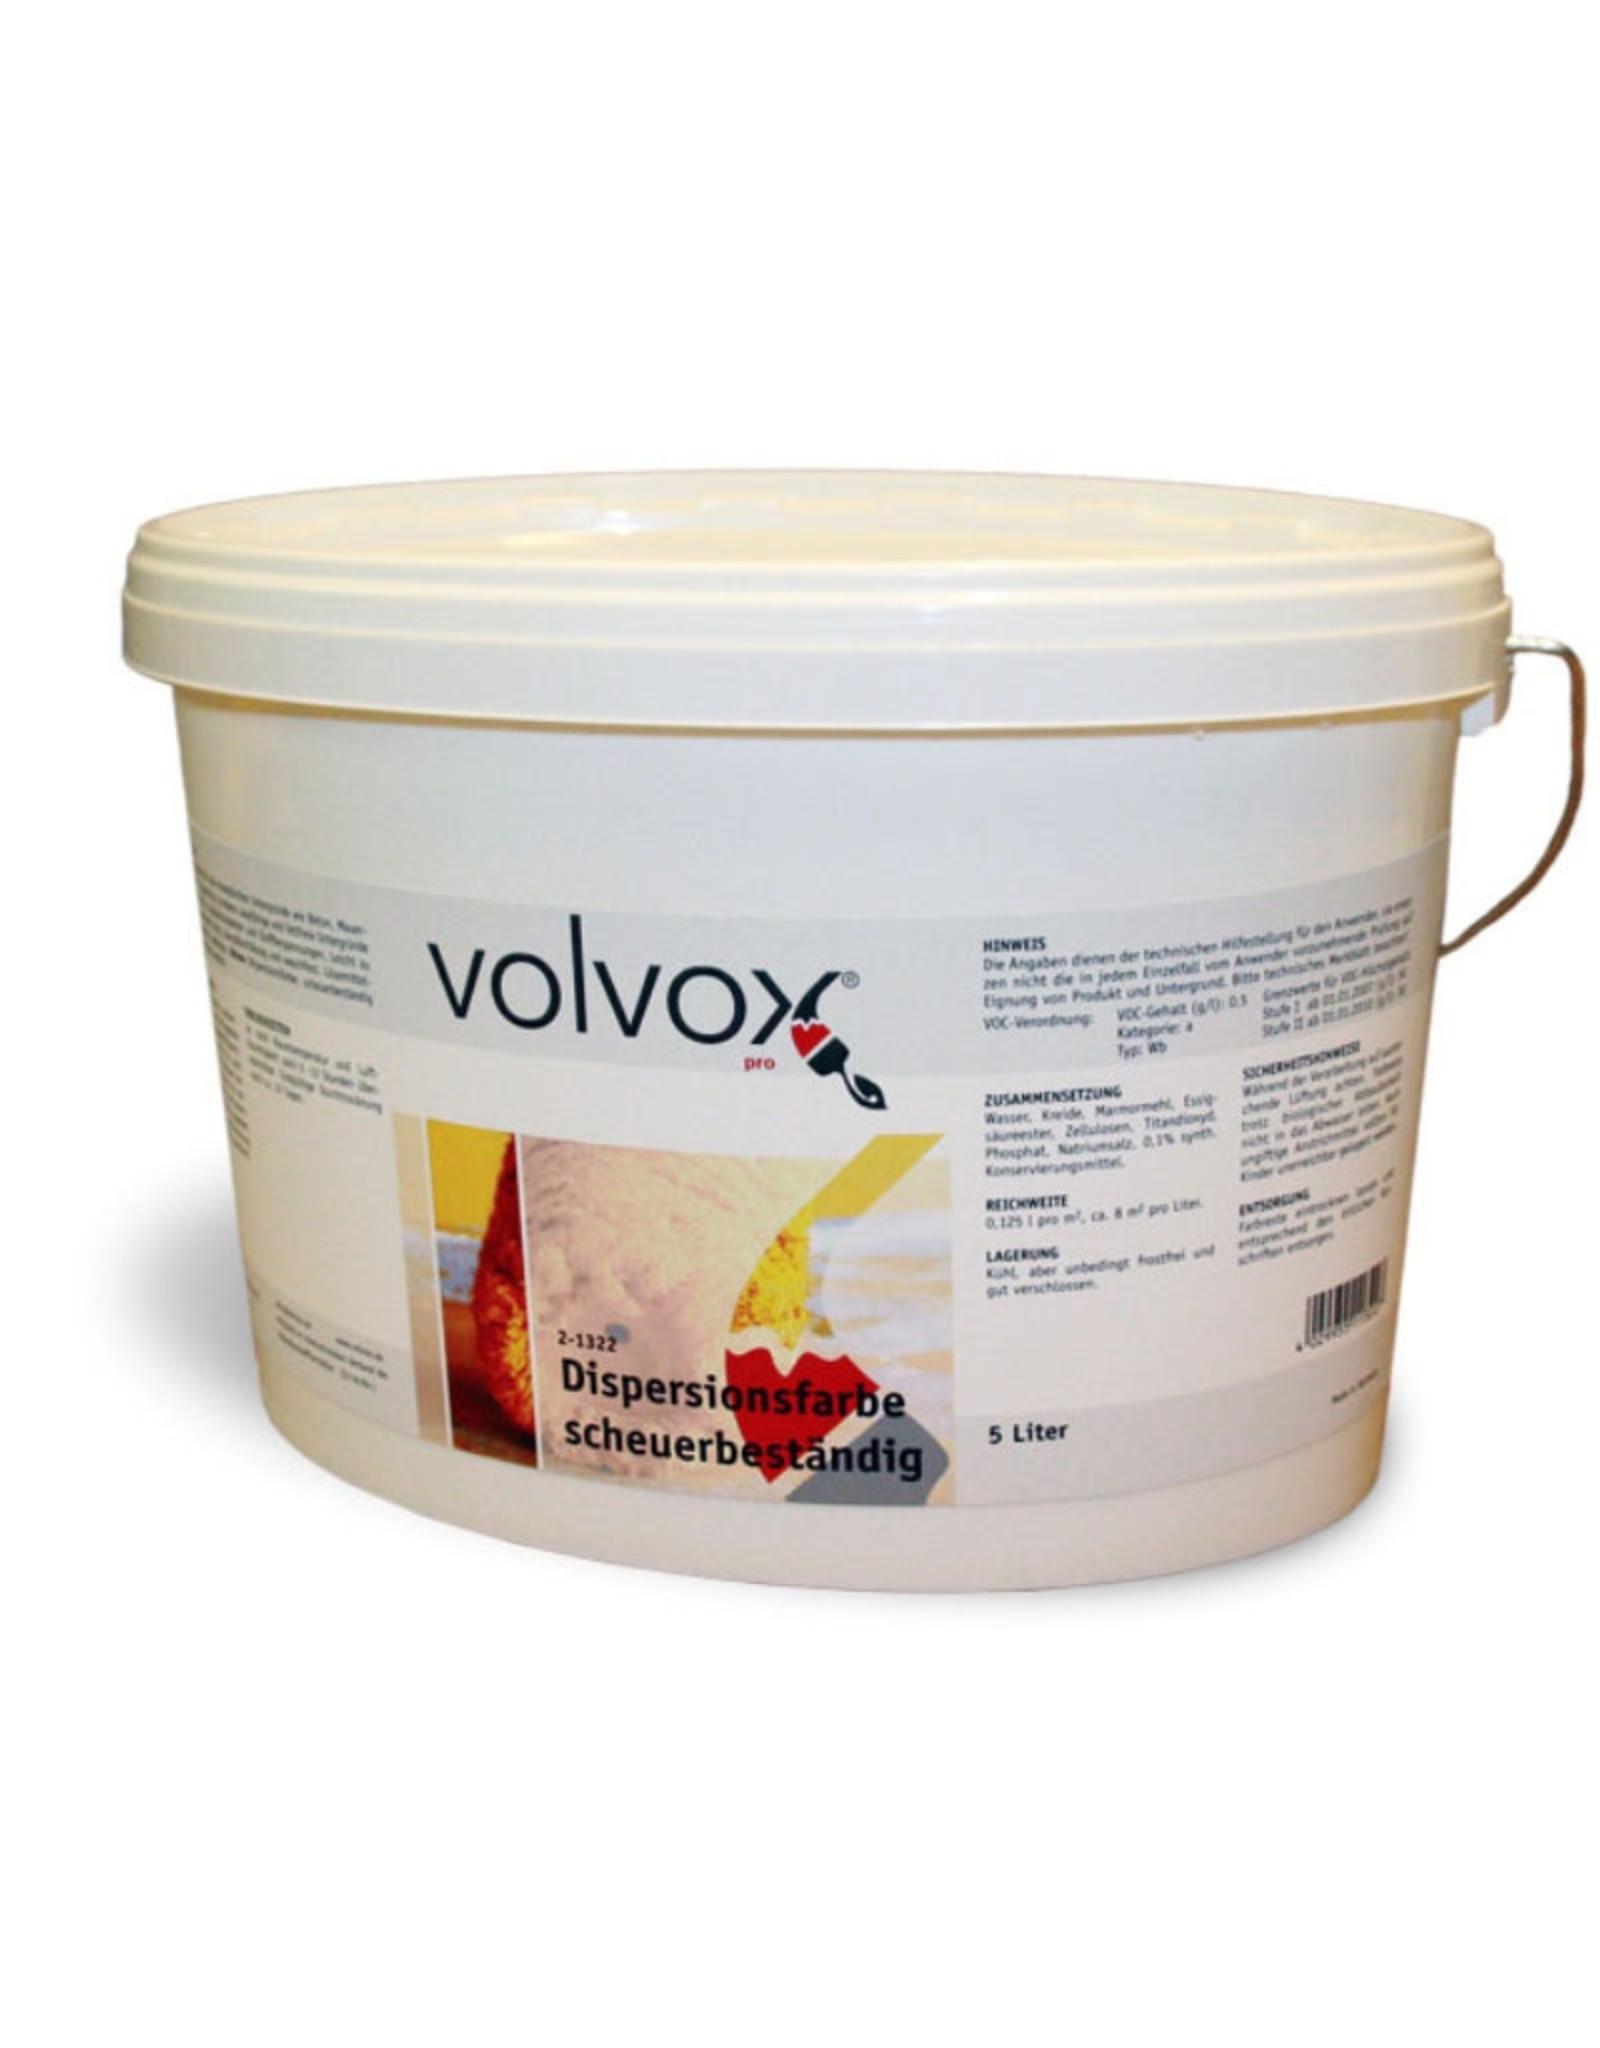 VOLVOX Dispersion Paint WARM NEUTRALS